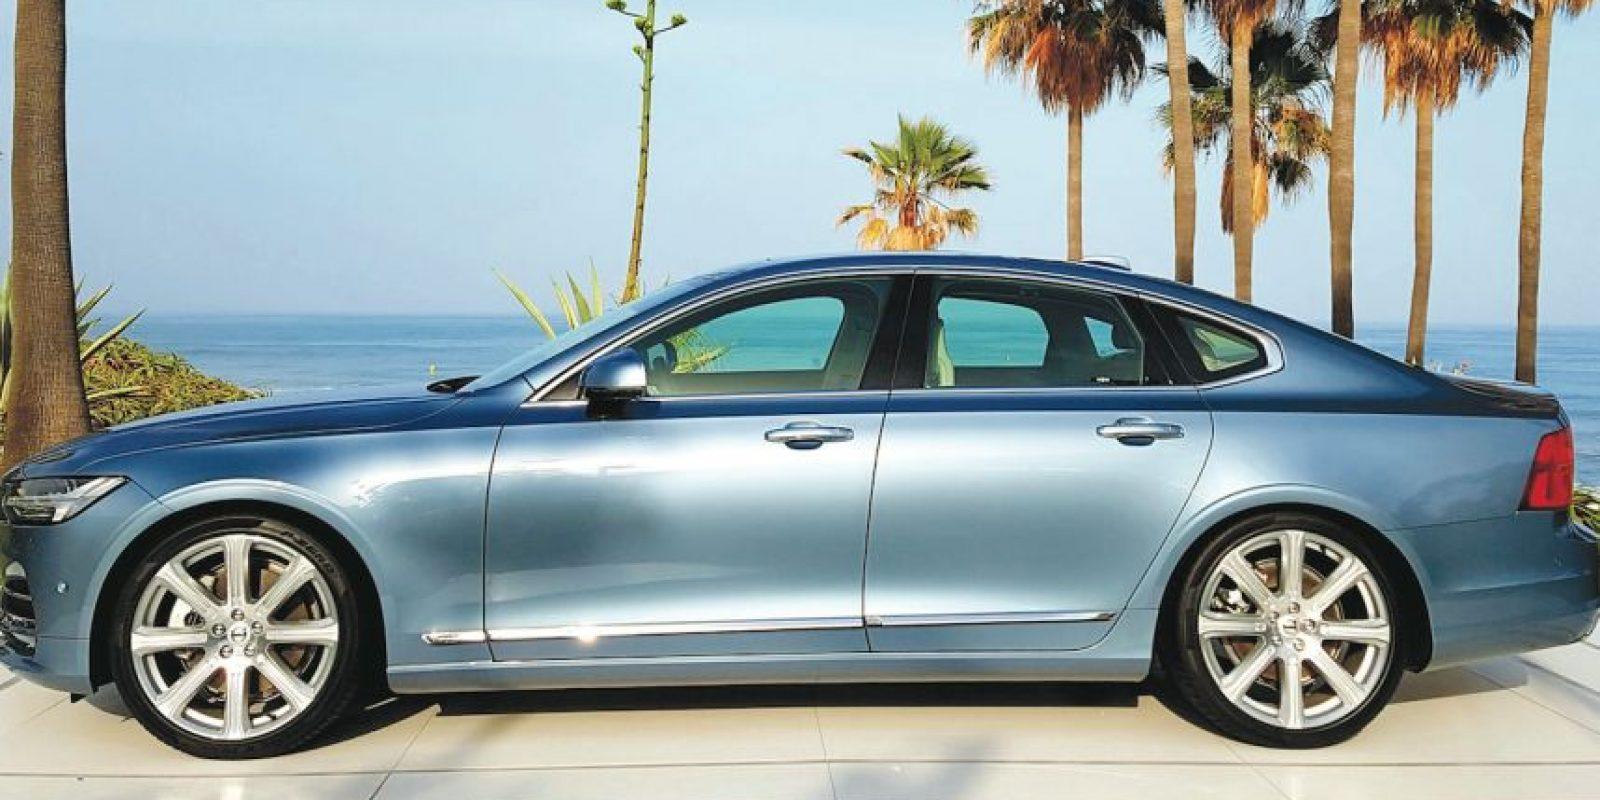 El diseño de este deportivo es alucinante, además de que todo forma parte de un concepto aerodinámico Foto:Porsche